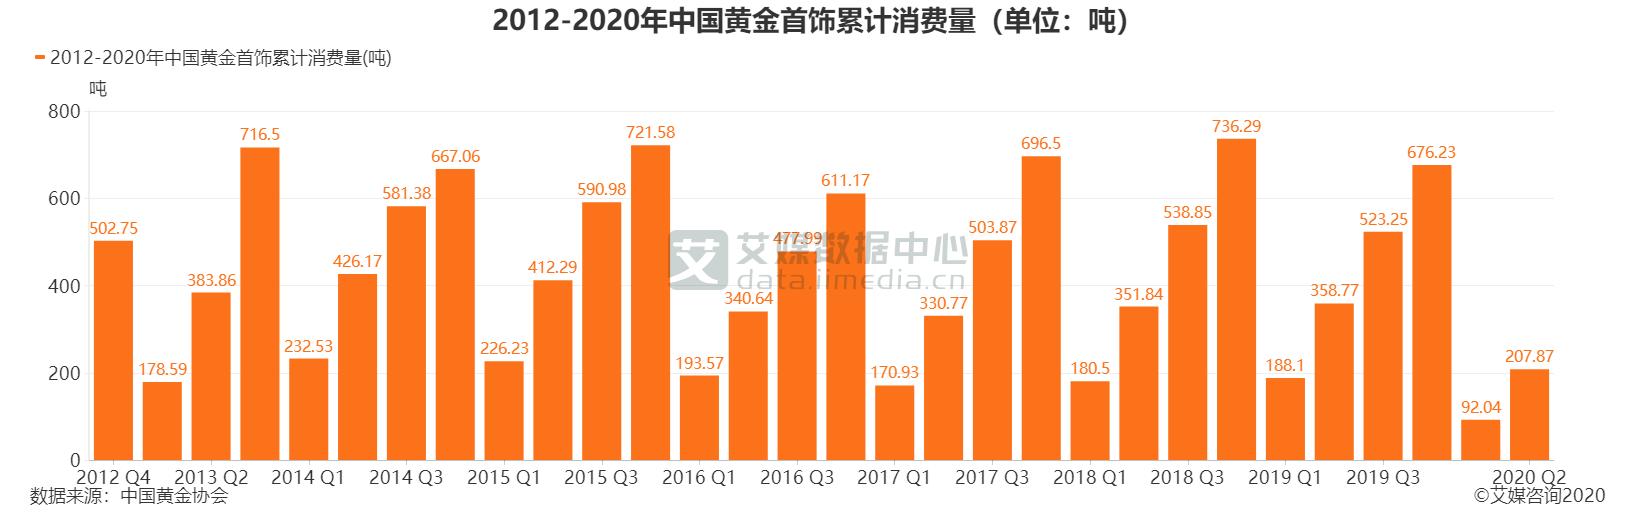 黄金市场数据分析:2020上半年中国黄金首饰累计消费量为207.87吨